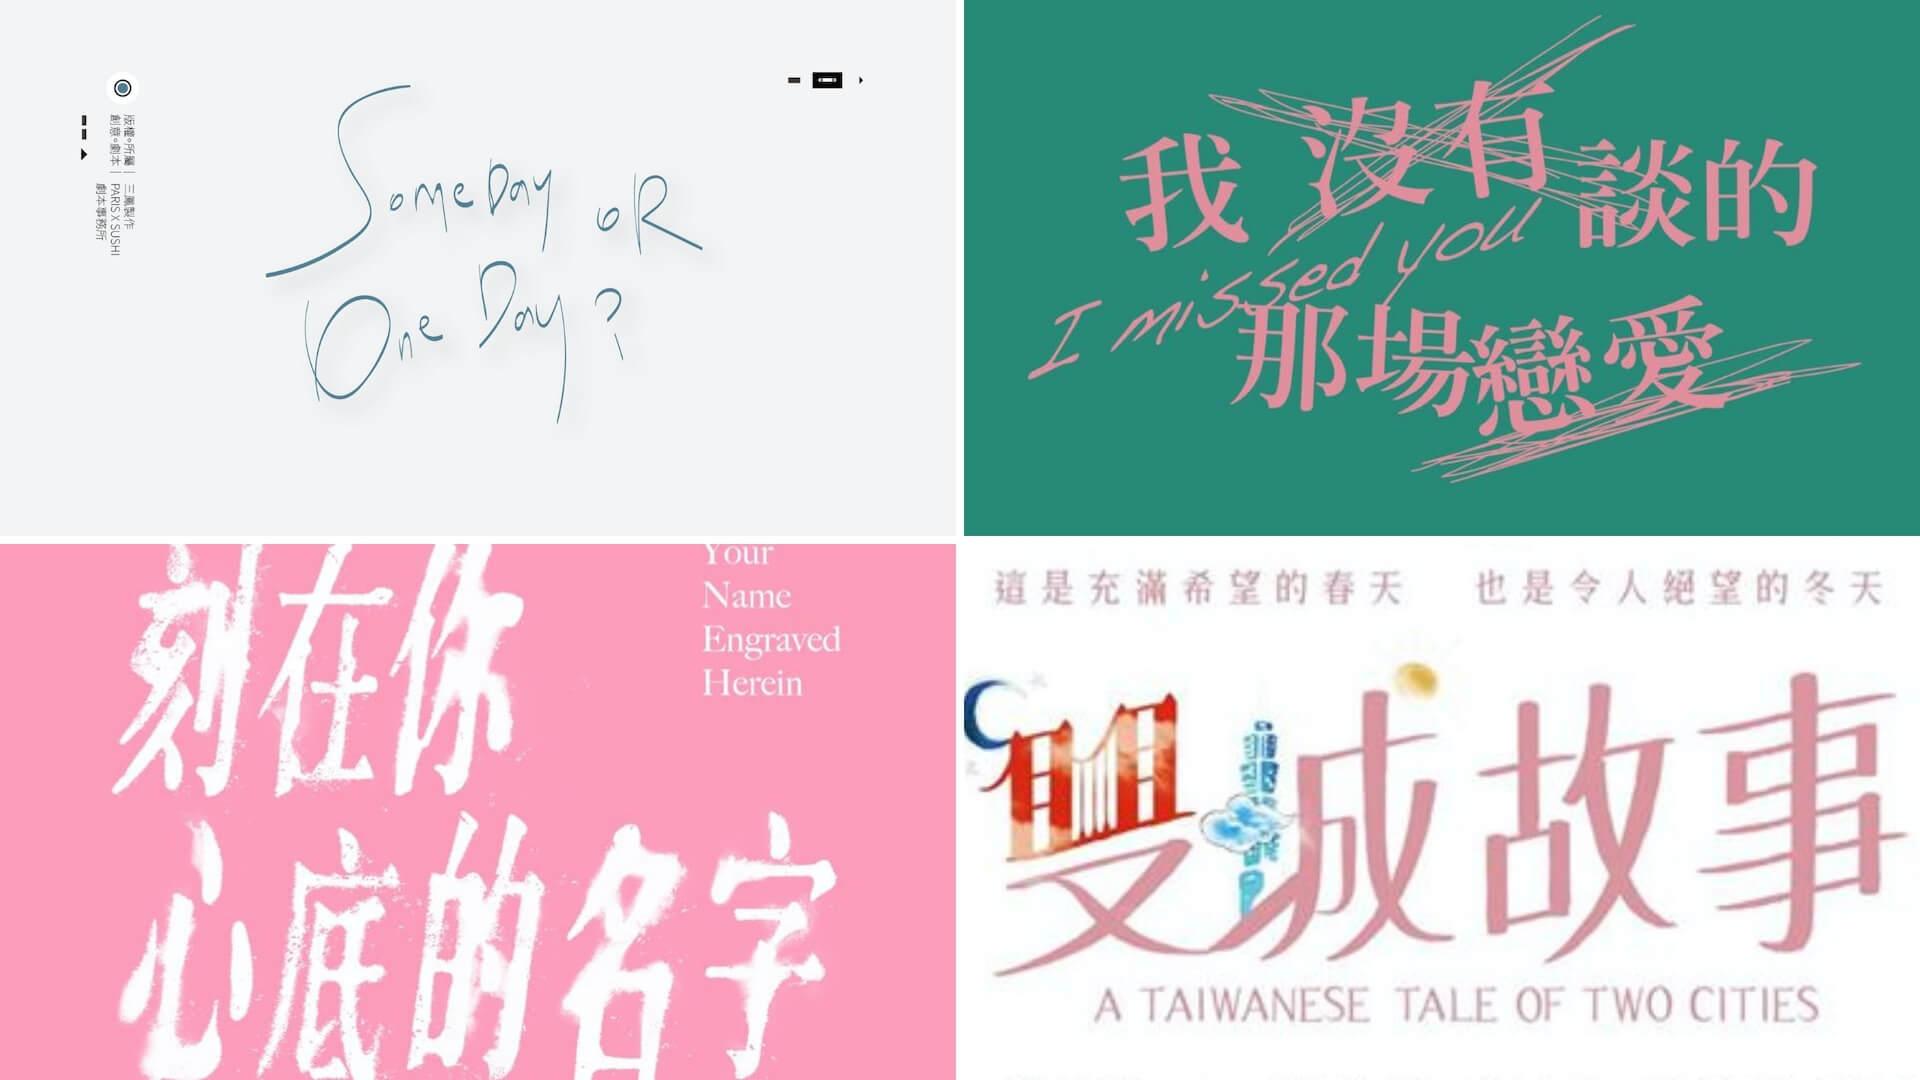 注目の台湾映画・台湾ドラマを彩る音楽4選!NetflixやAmazon Primeで視聴できる作品も column210929_megumi_nakamura_taiwaneiga01